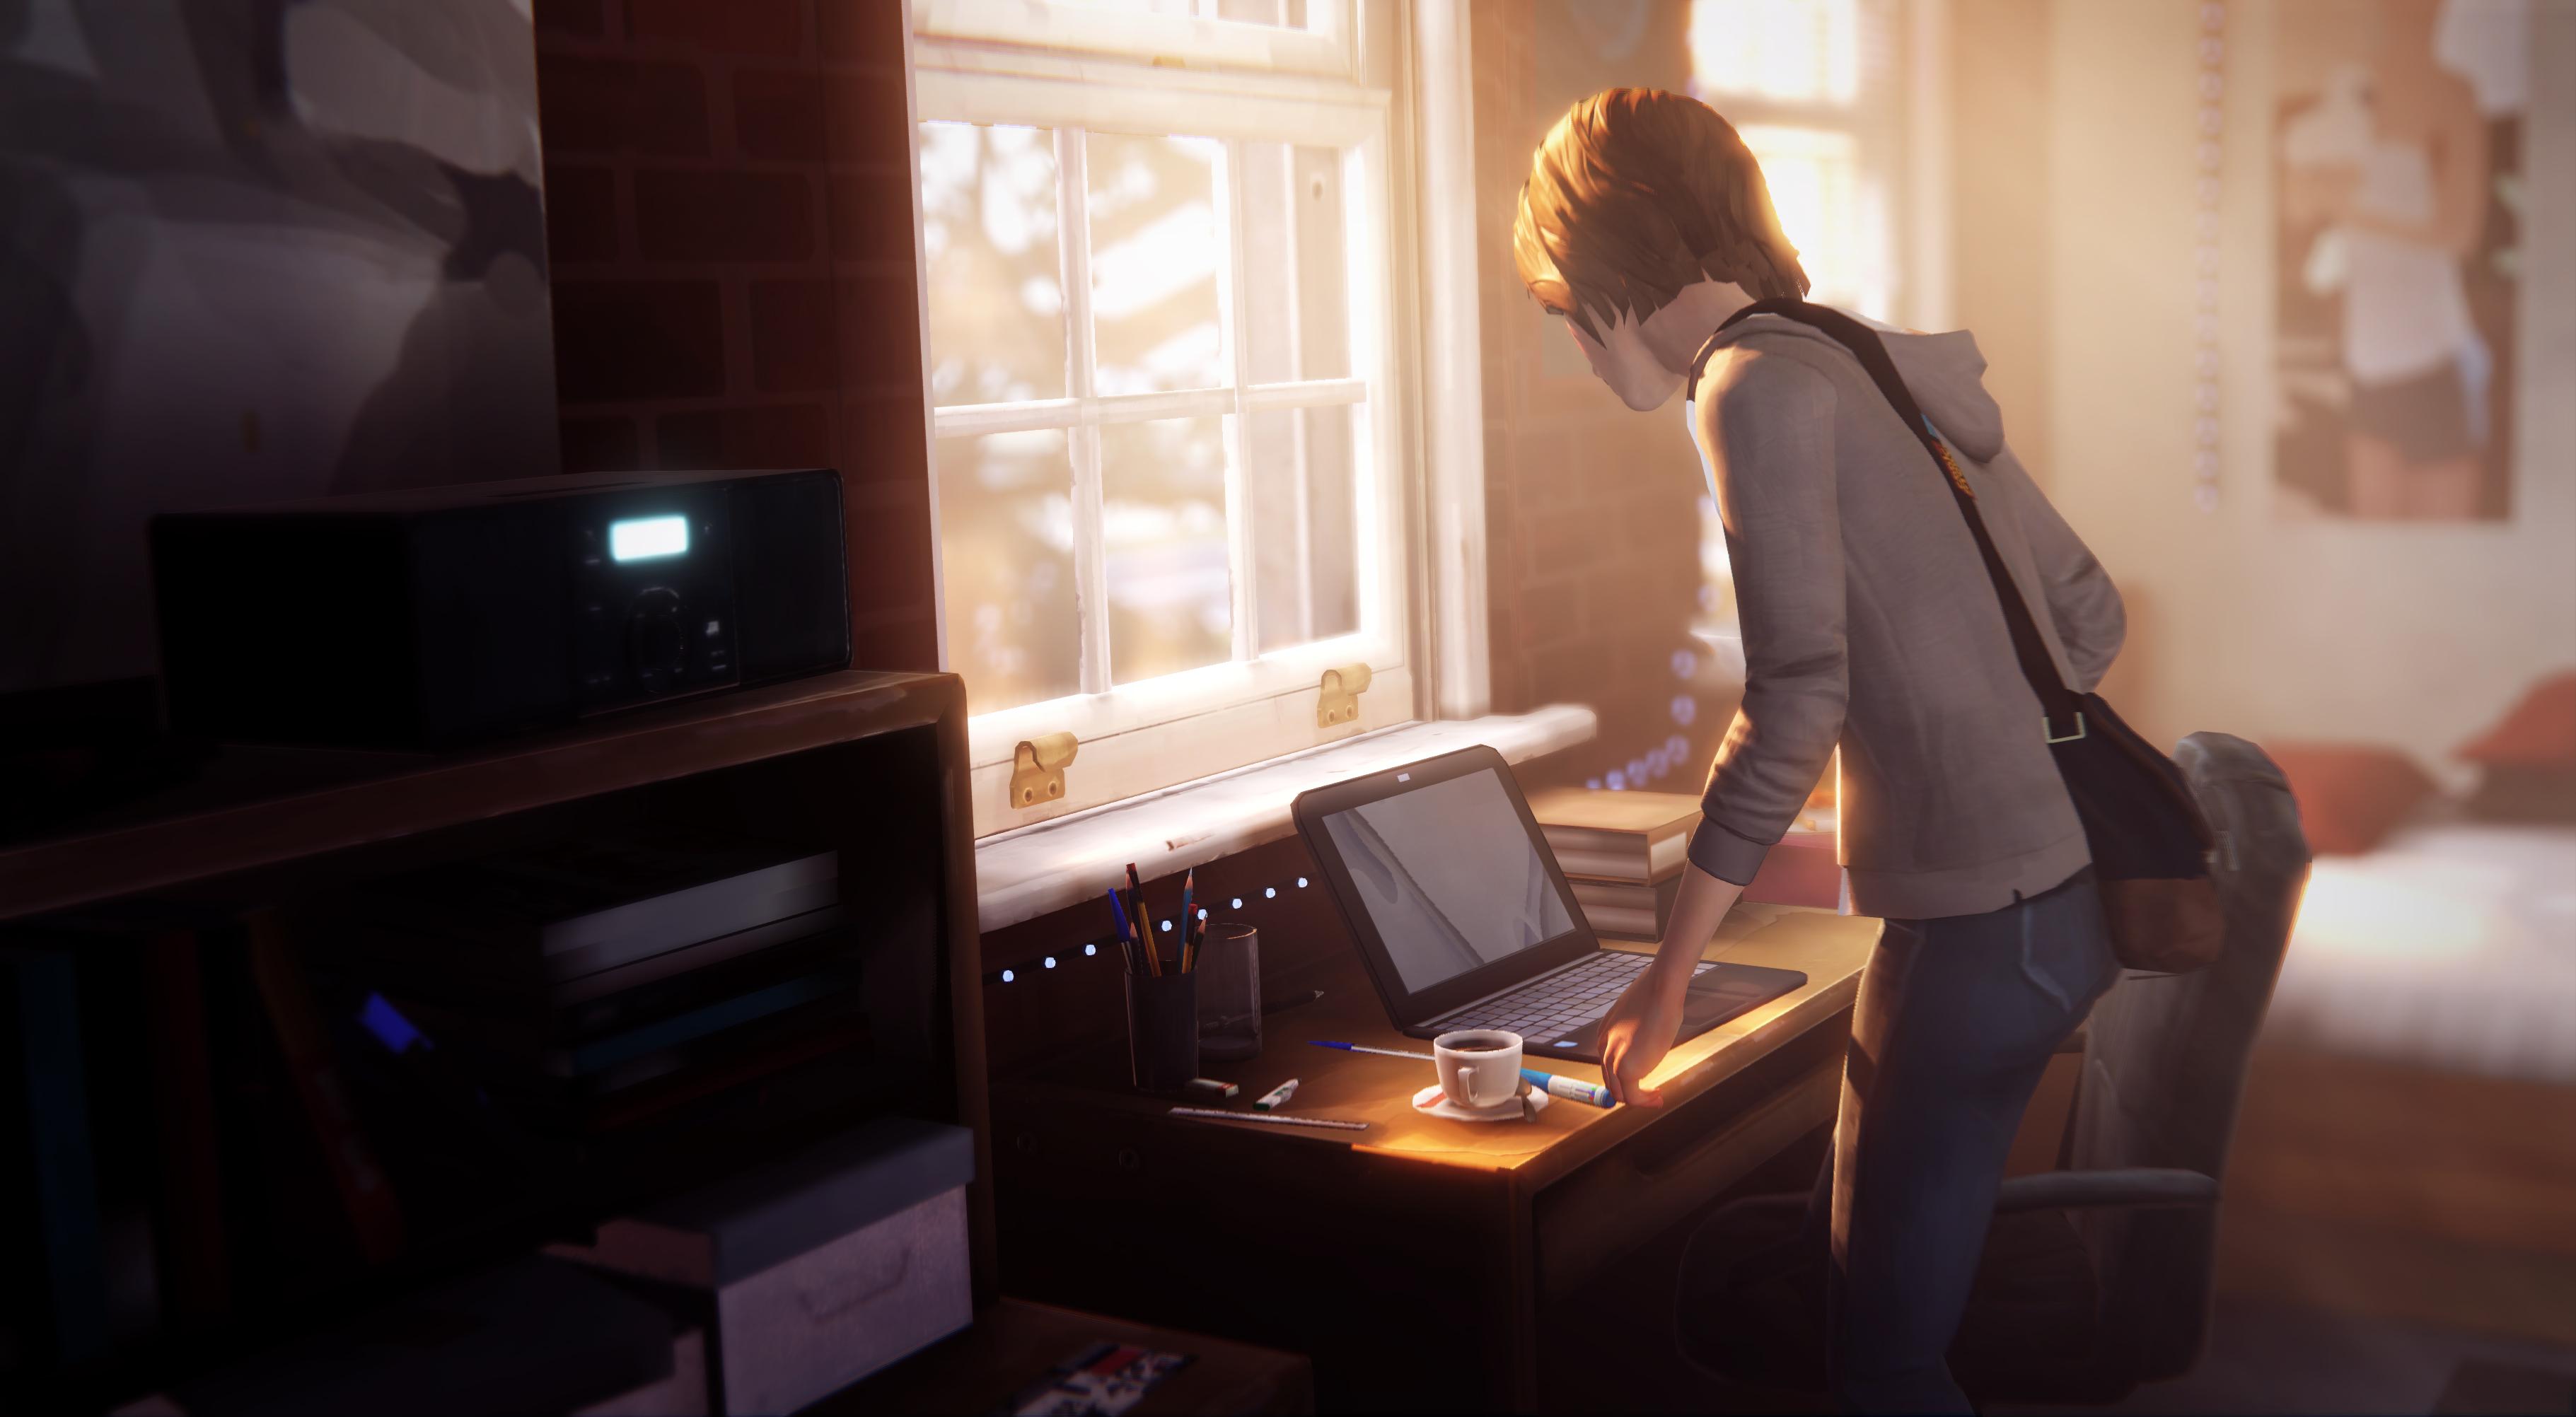 Официальный скриншот «Victorias Room» из игры Life is Strange